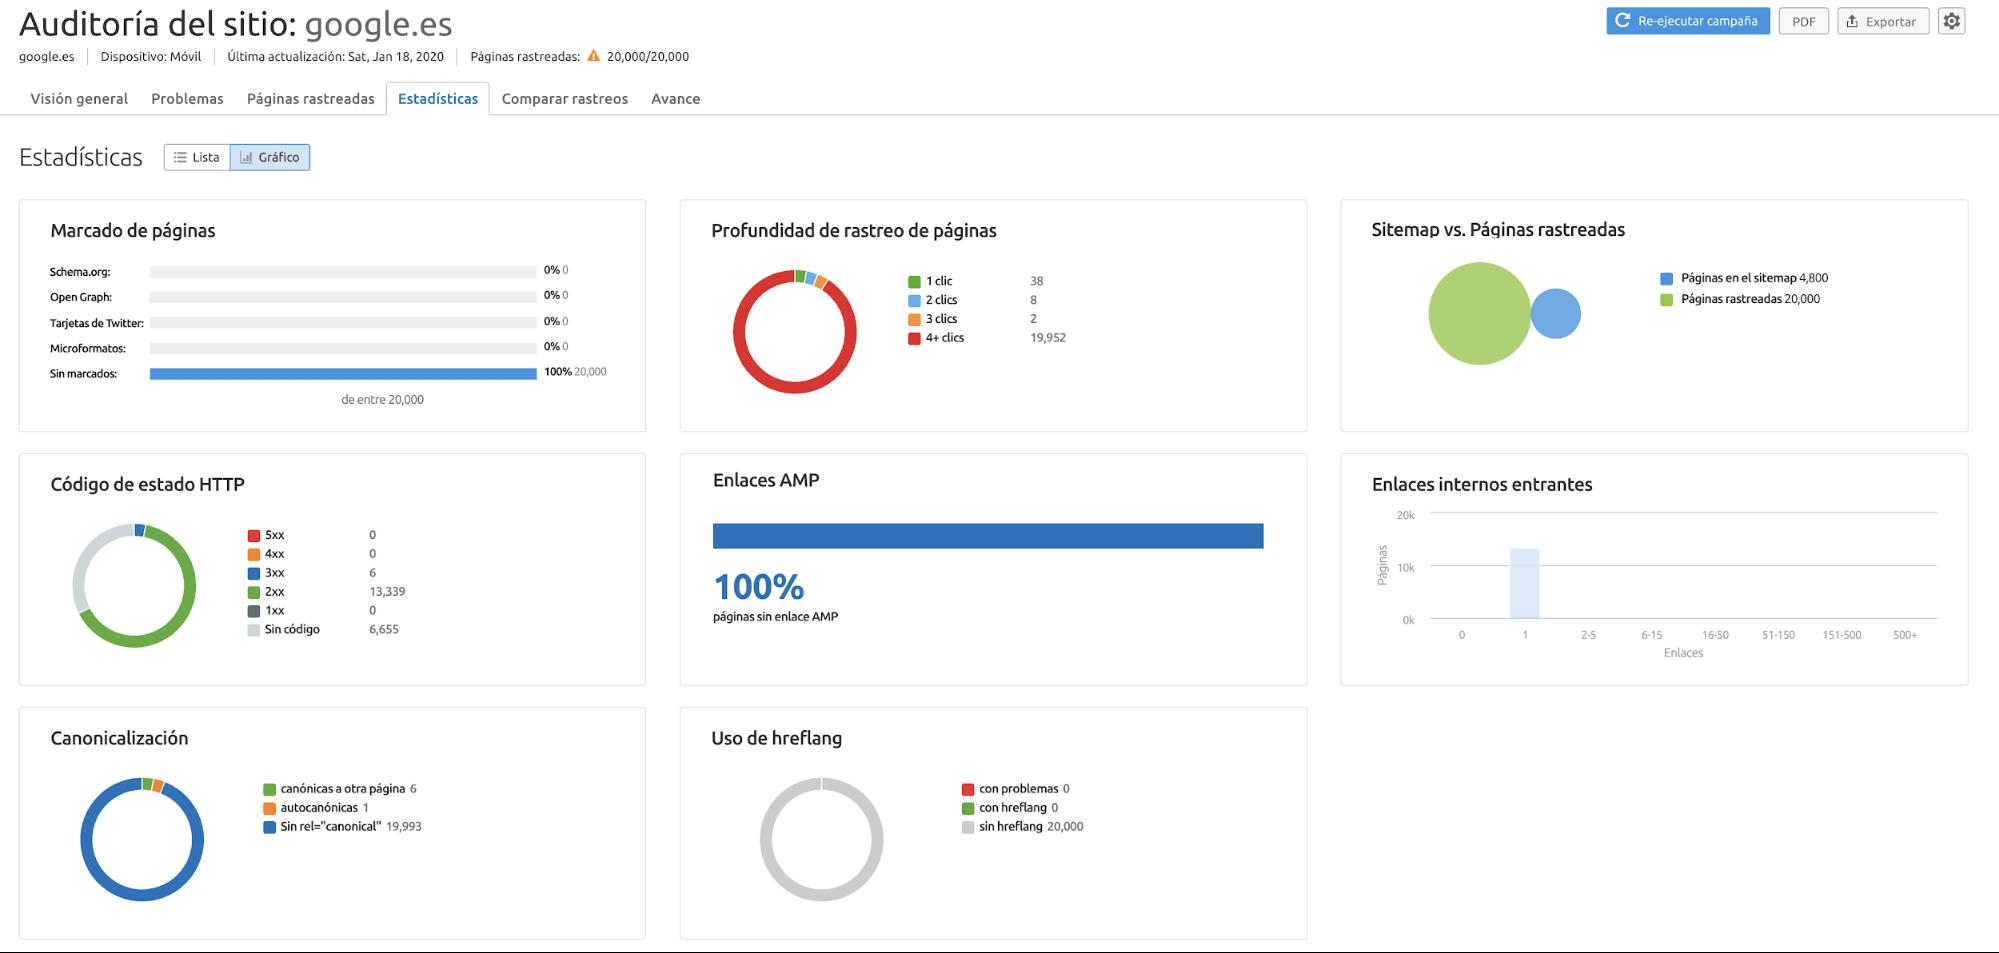 Auditoría SEO - Estadísticas formato gráfico